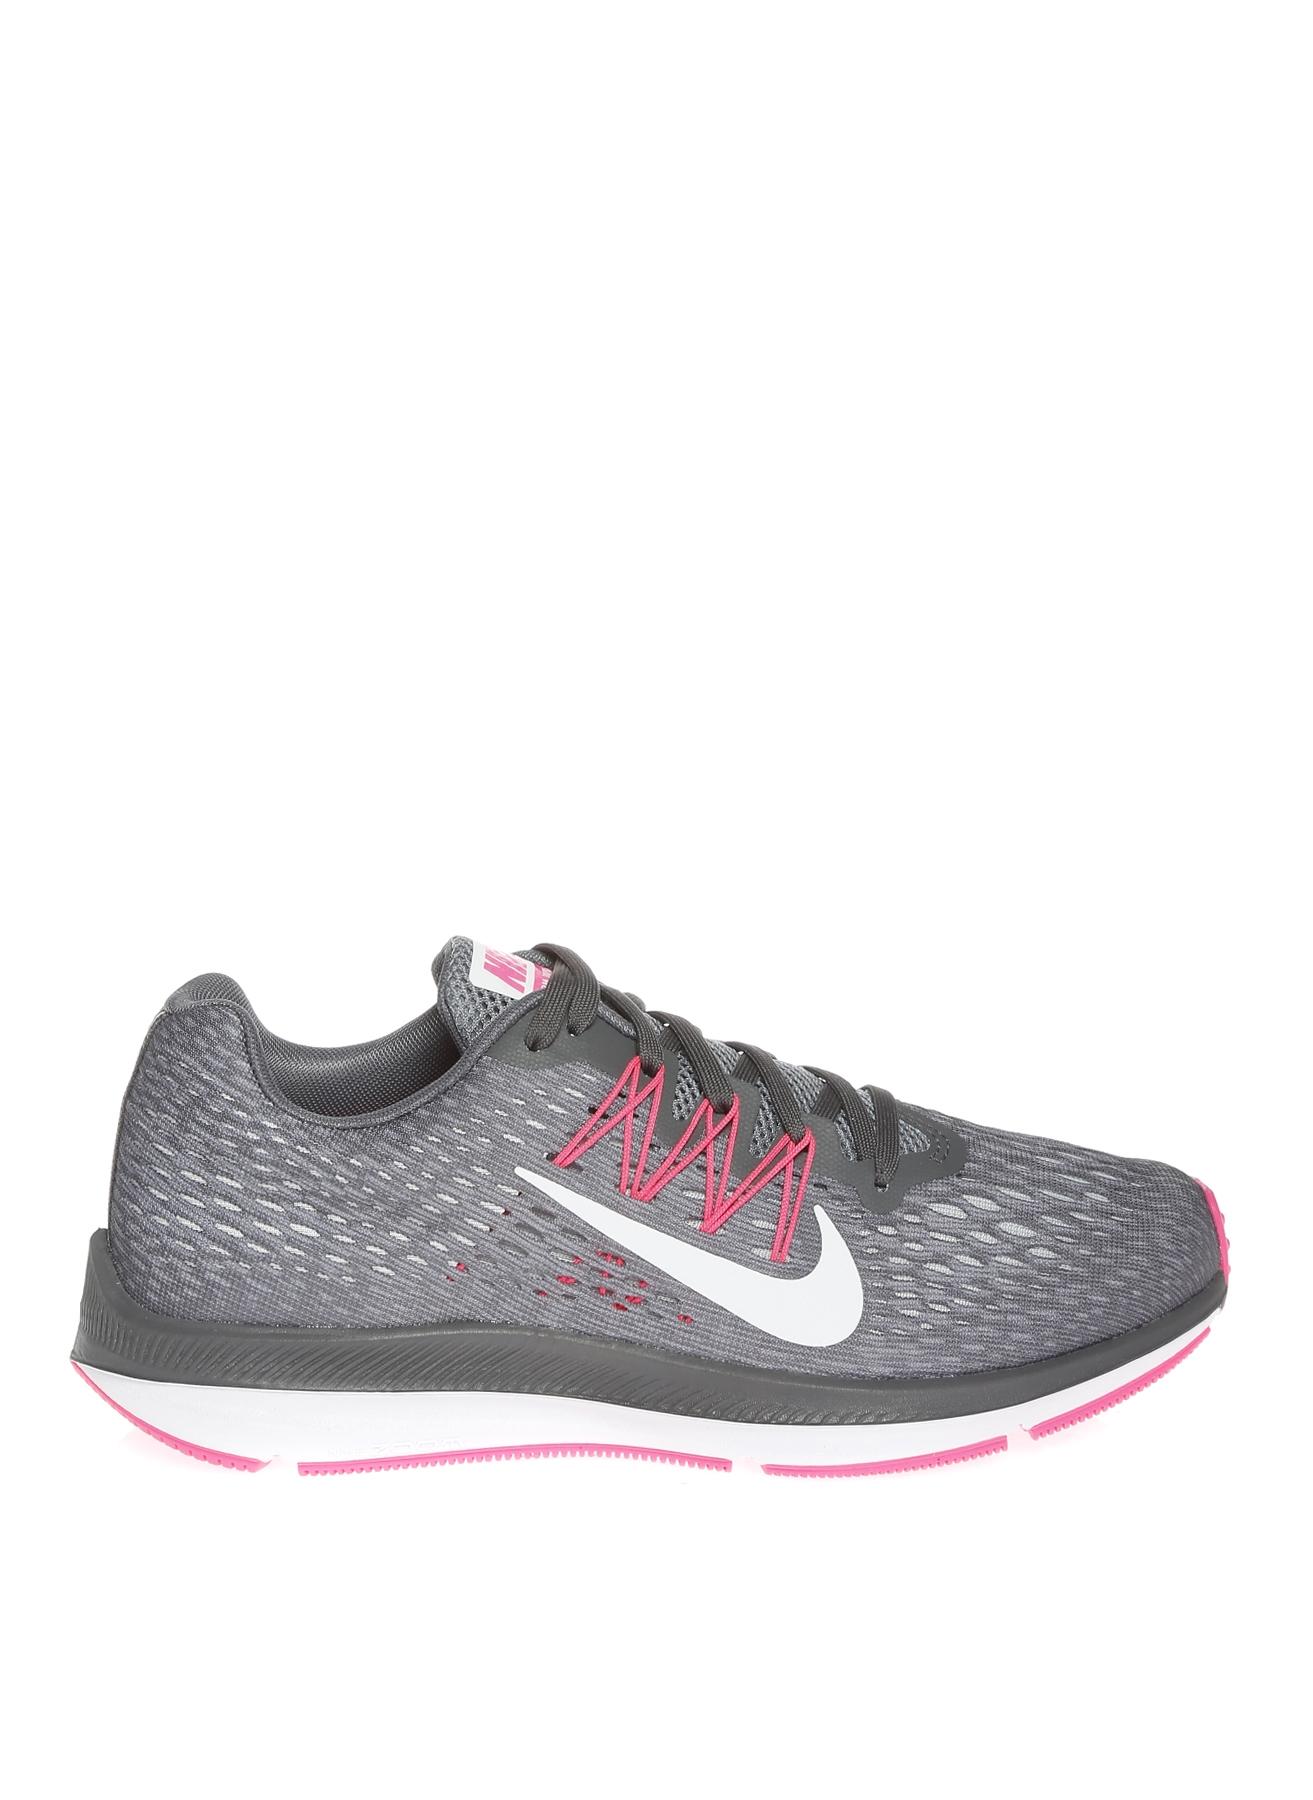 Nike Air Zoom Winflo 5 Koşu Ayakkabısı 40.5 5000422171007 Ürün Resmi